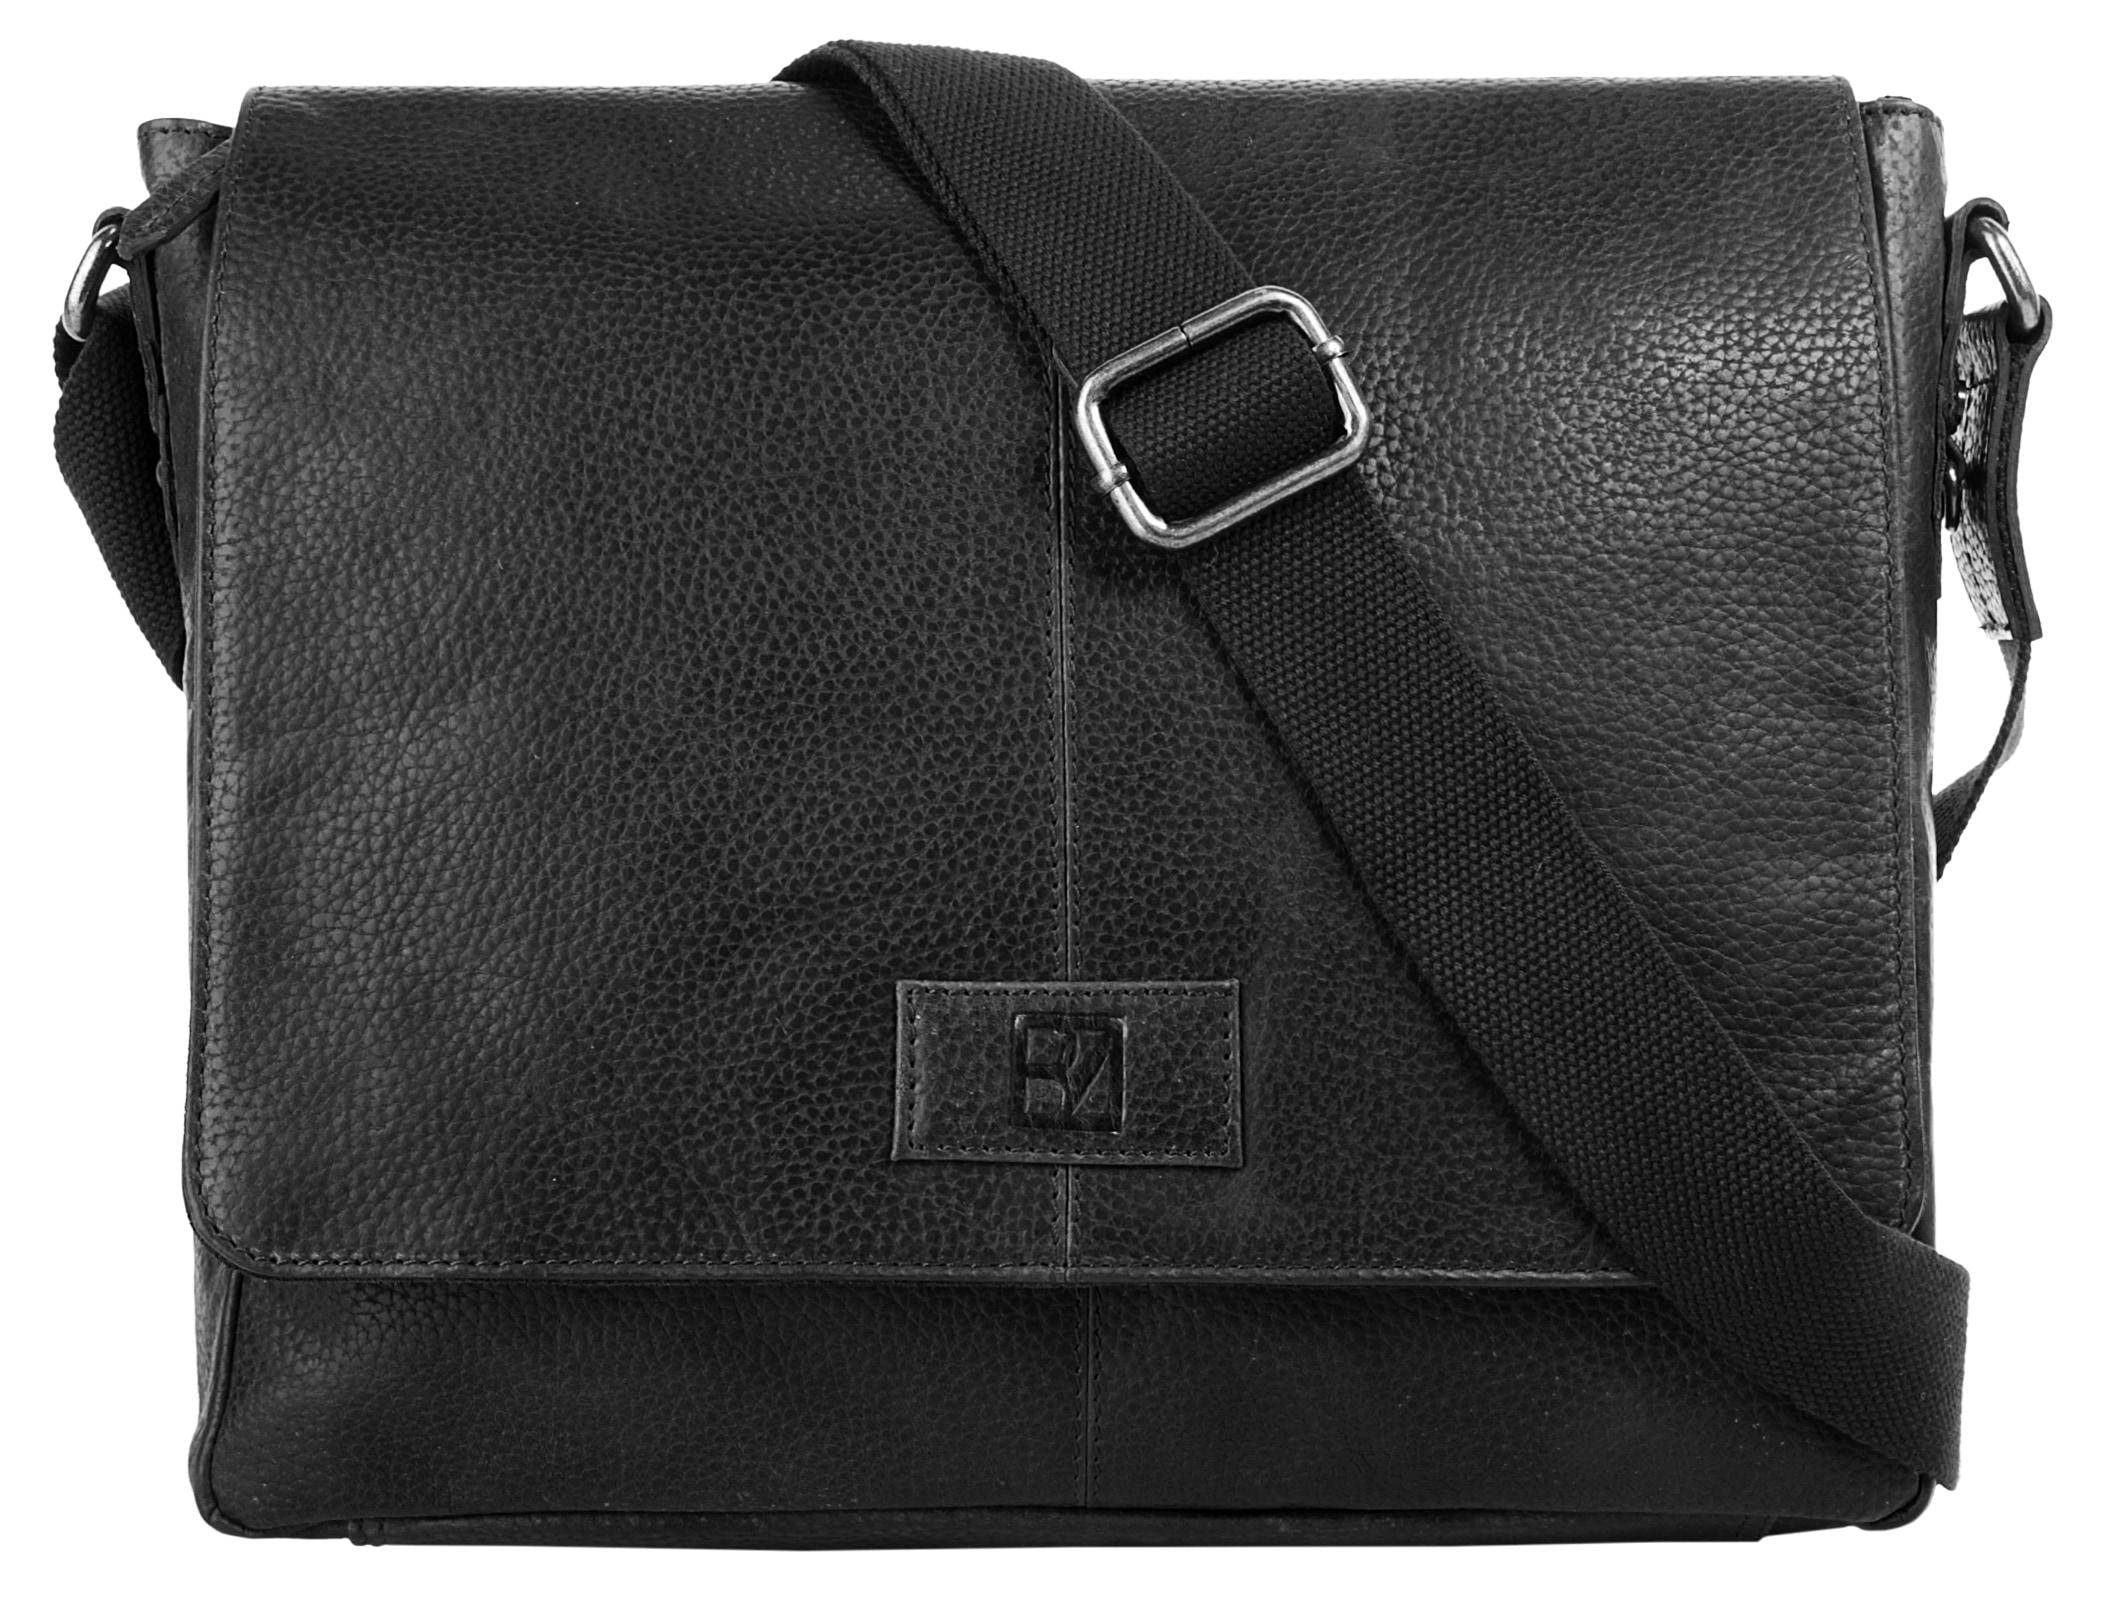 BODENSCHATZ Messenger Bag SIERRA   Taschen > Business Taschen > Messenger Bags   Schwarz   Bodenschatz